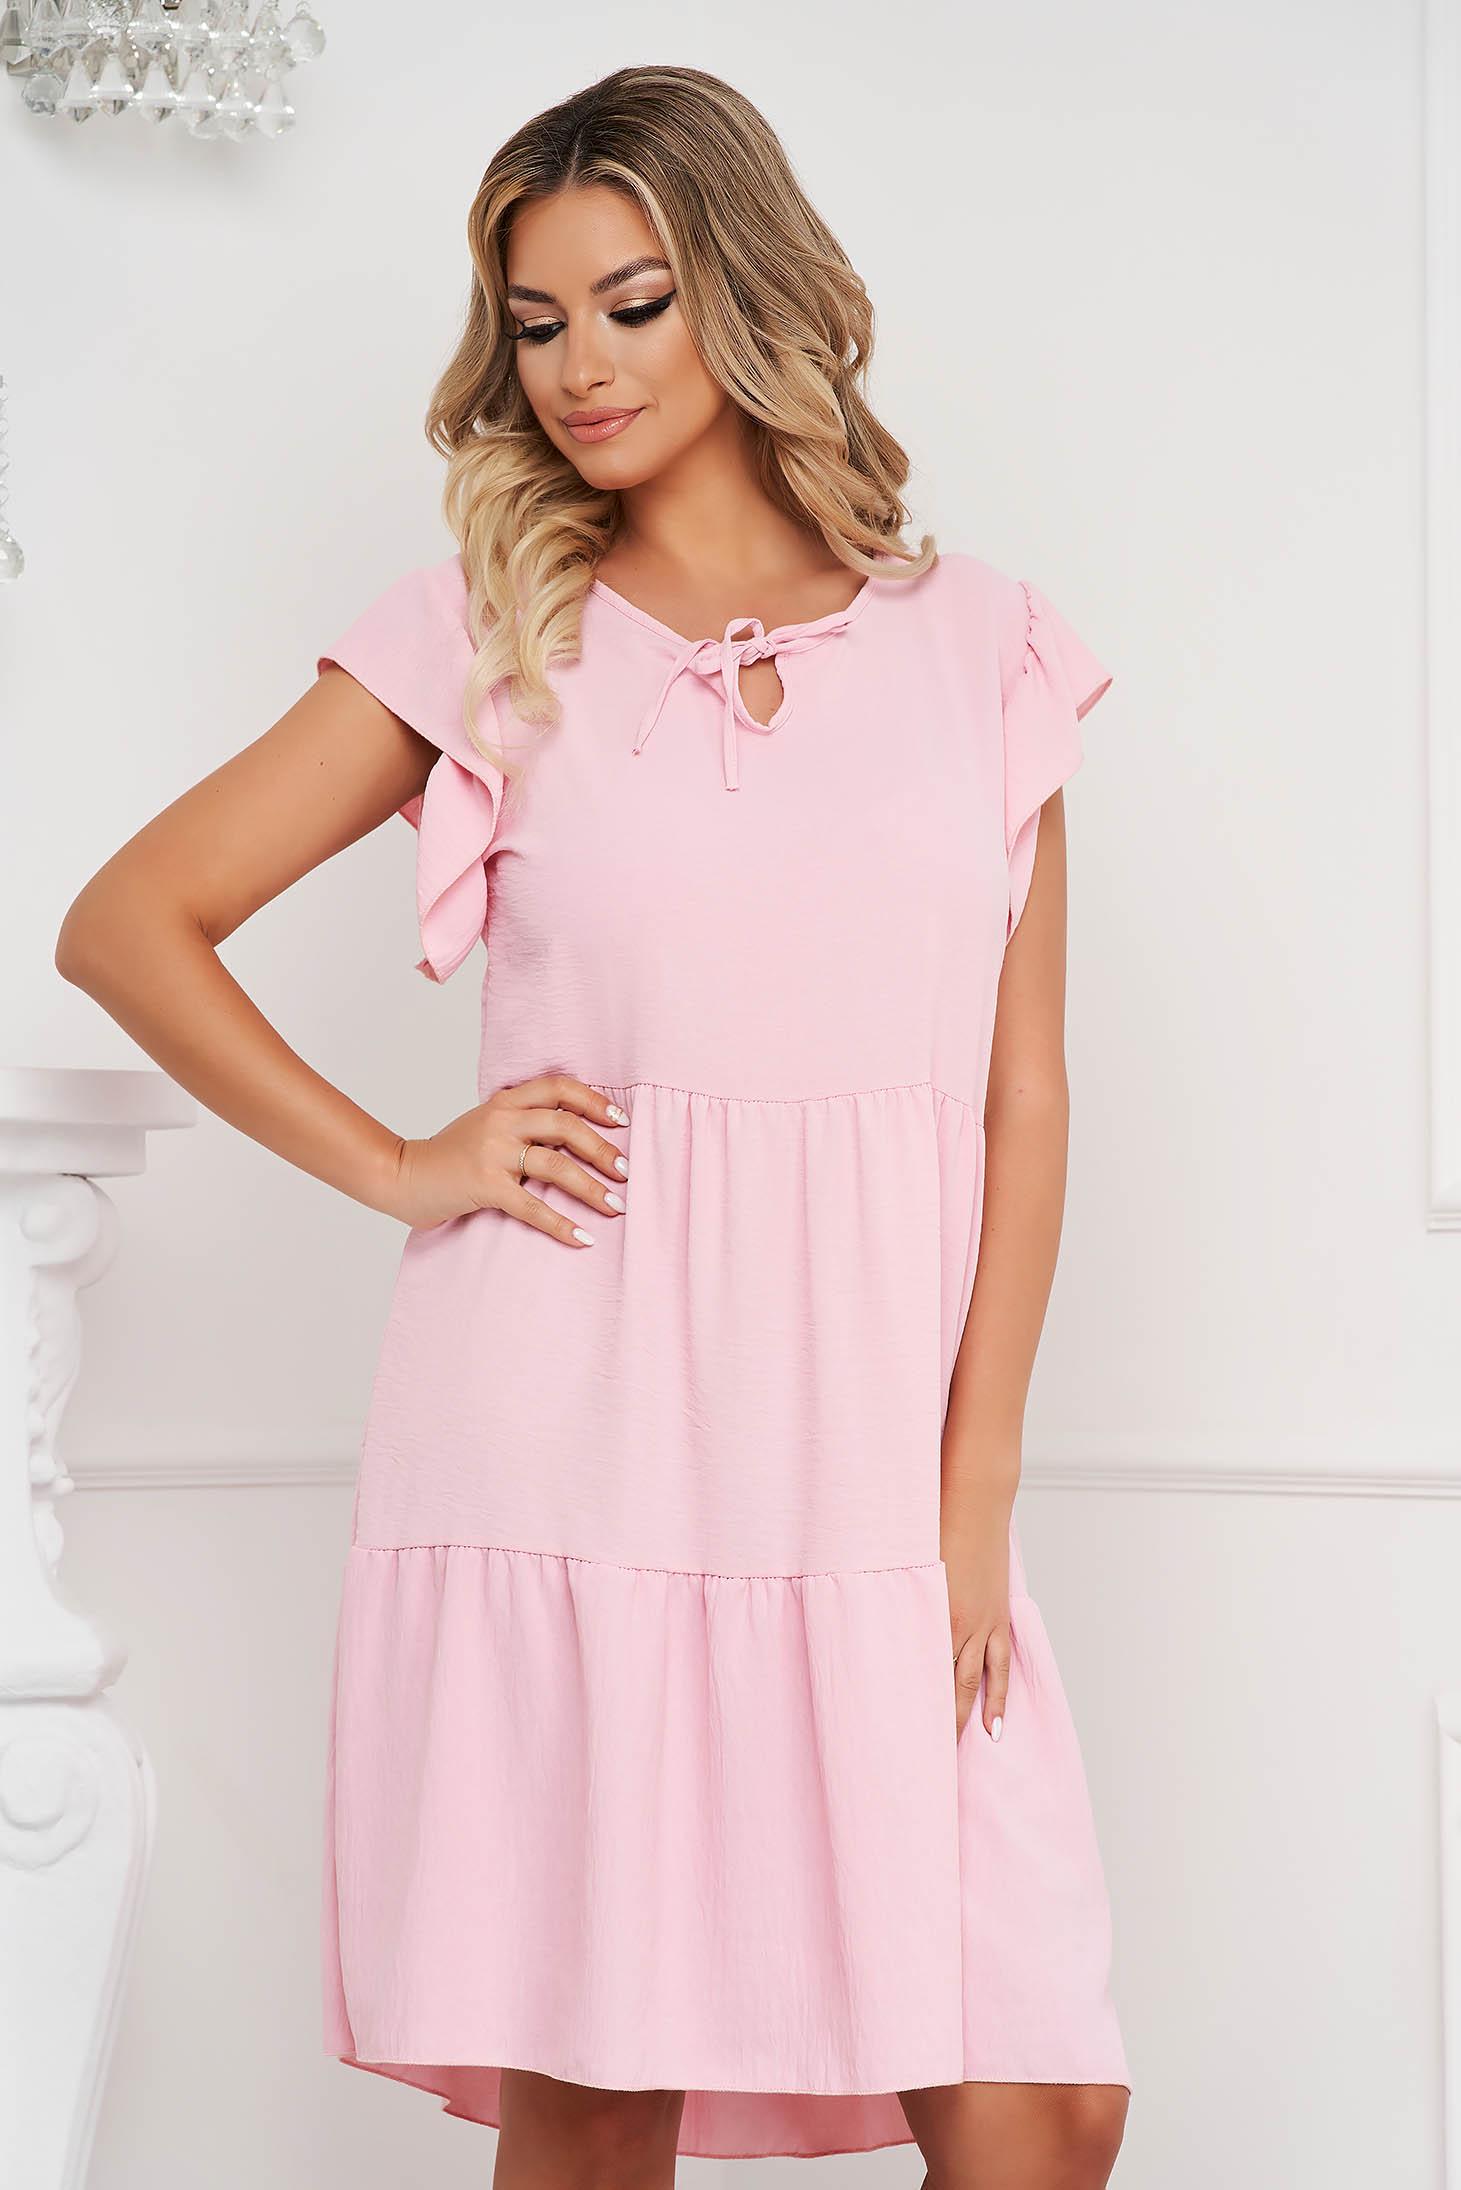 Fodros midi bő szabású világos rózsaszínű ruha vékony anyagból